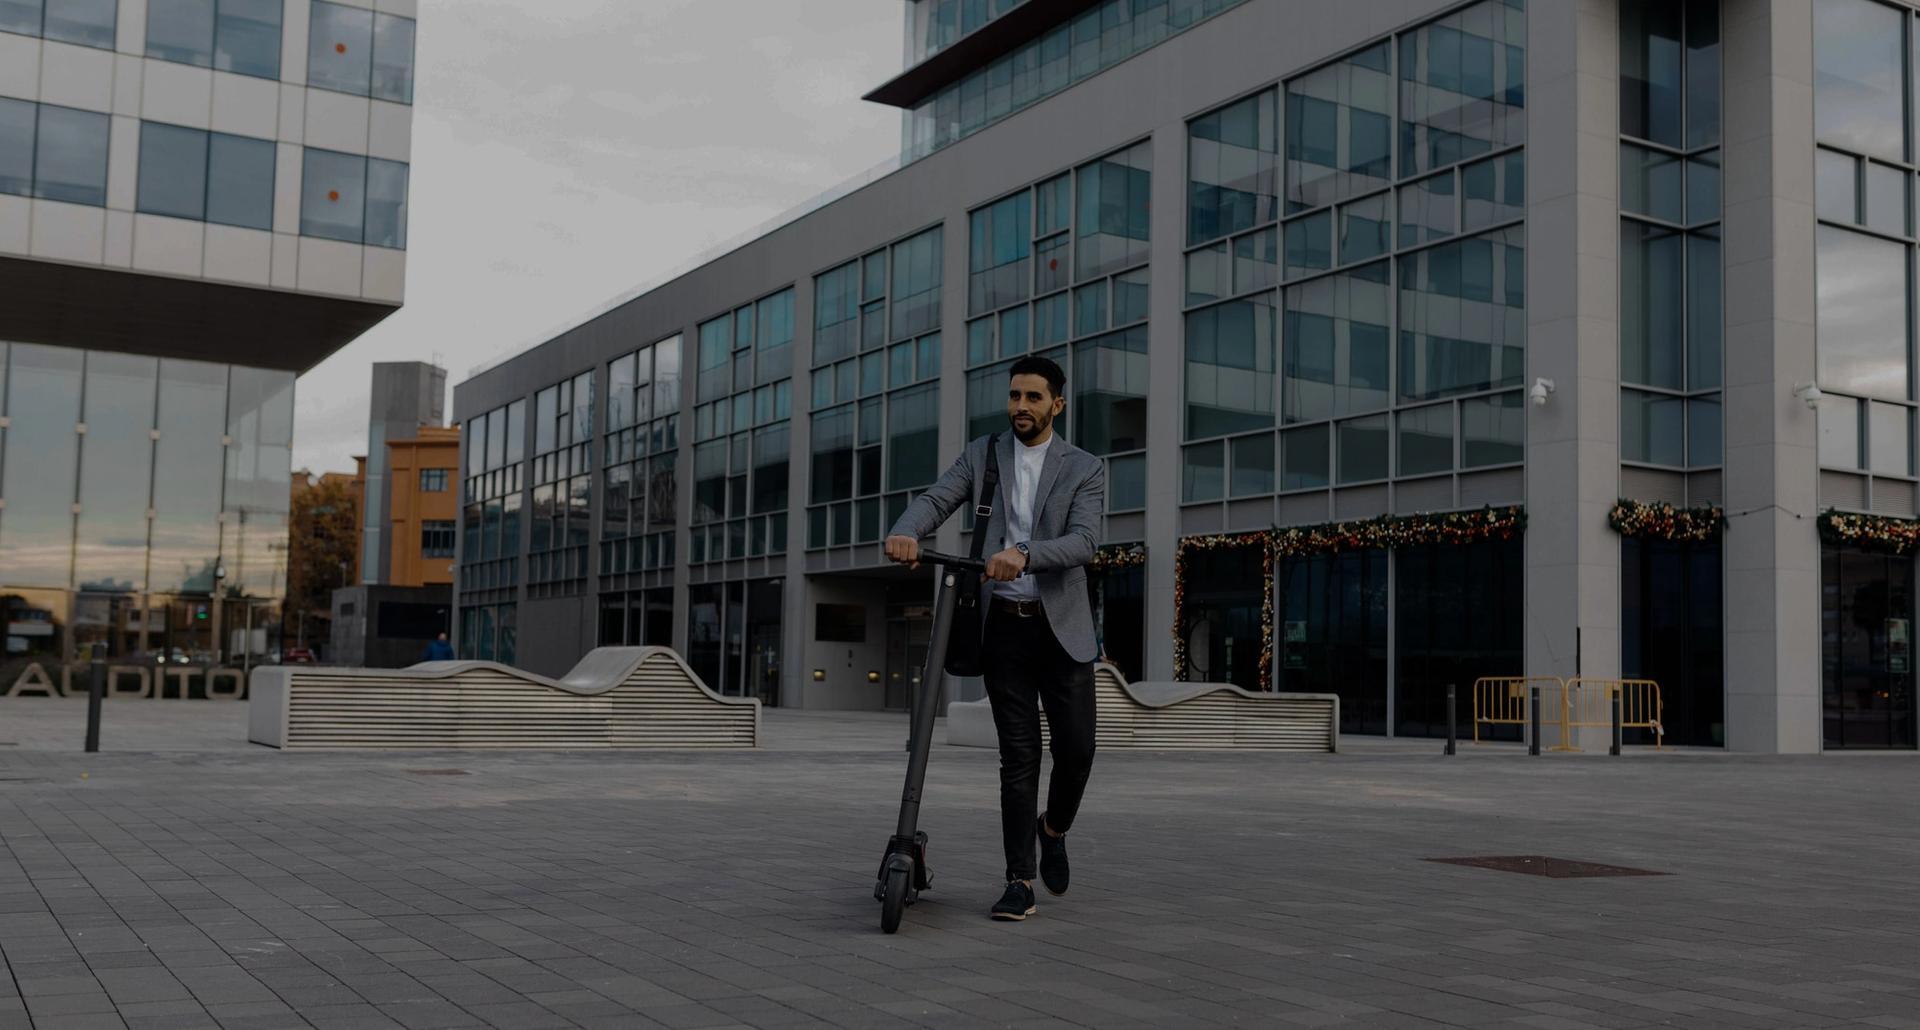 Mies kuljettaa Augment.eco skuuttia